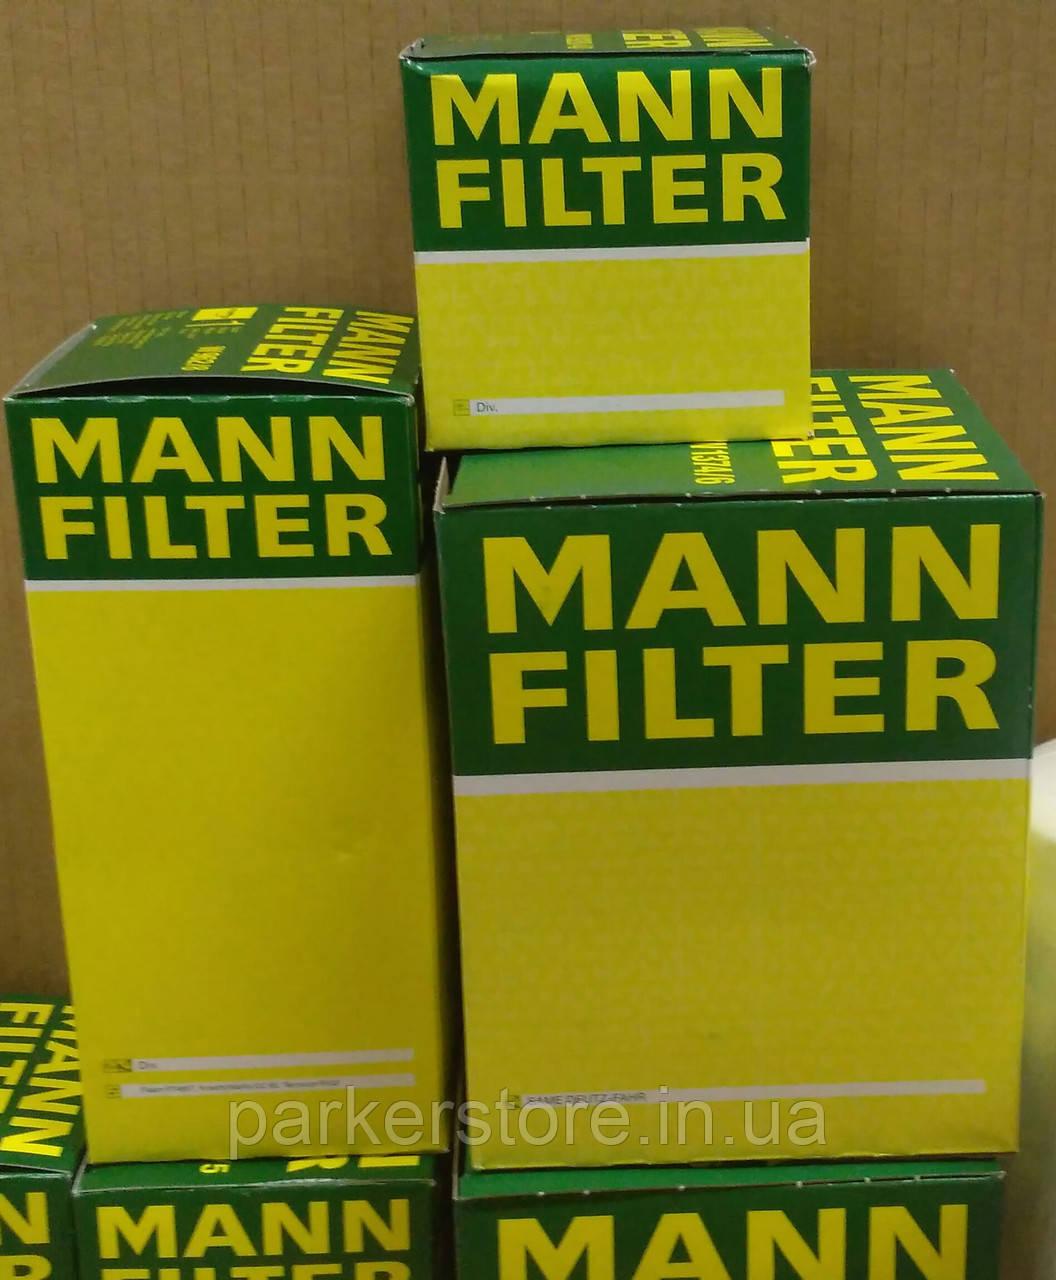 MANN FILTER / Воздушный фильтр / C 2987/1 / C2987/1